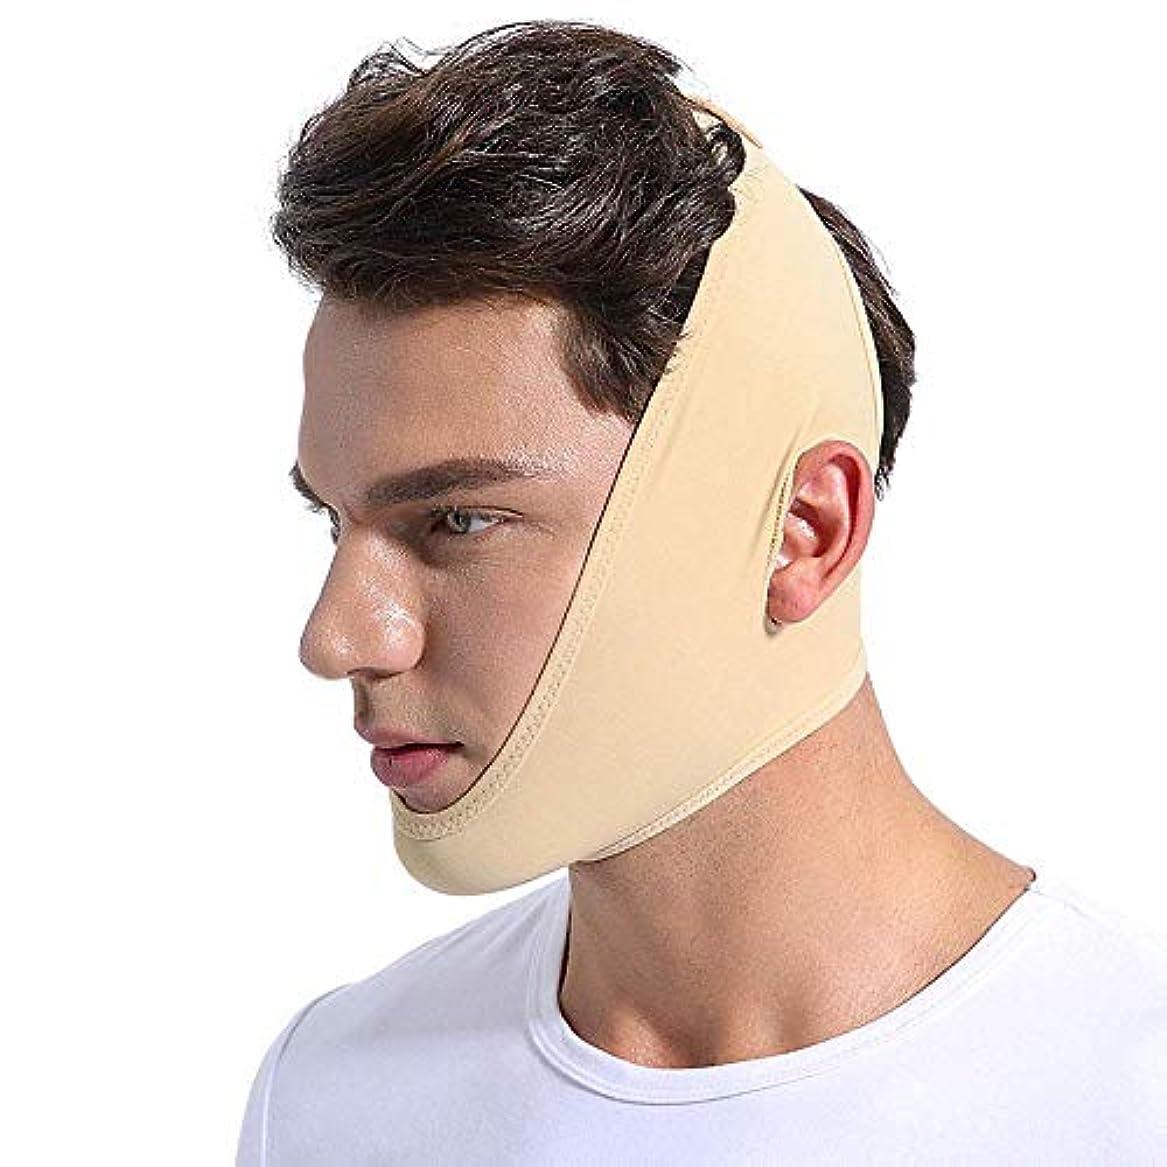 ラフト明示的に問い合わせフェイシャルシン フェイスマスク Slim身包帯 スキンケアベルト 形の上昇は二重顎のフェイスマスクの表面の薄くなるより男女兼用を減らします